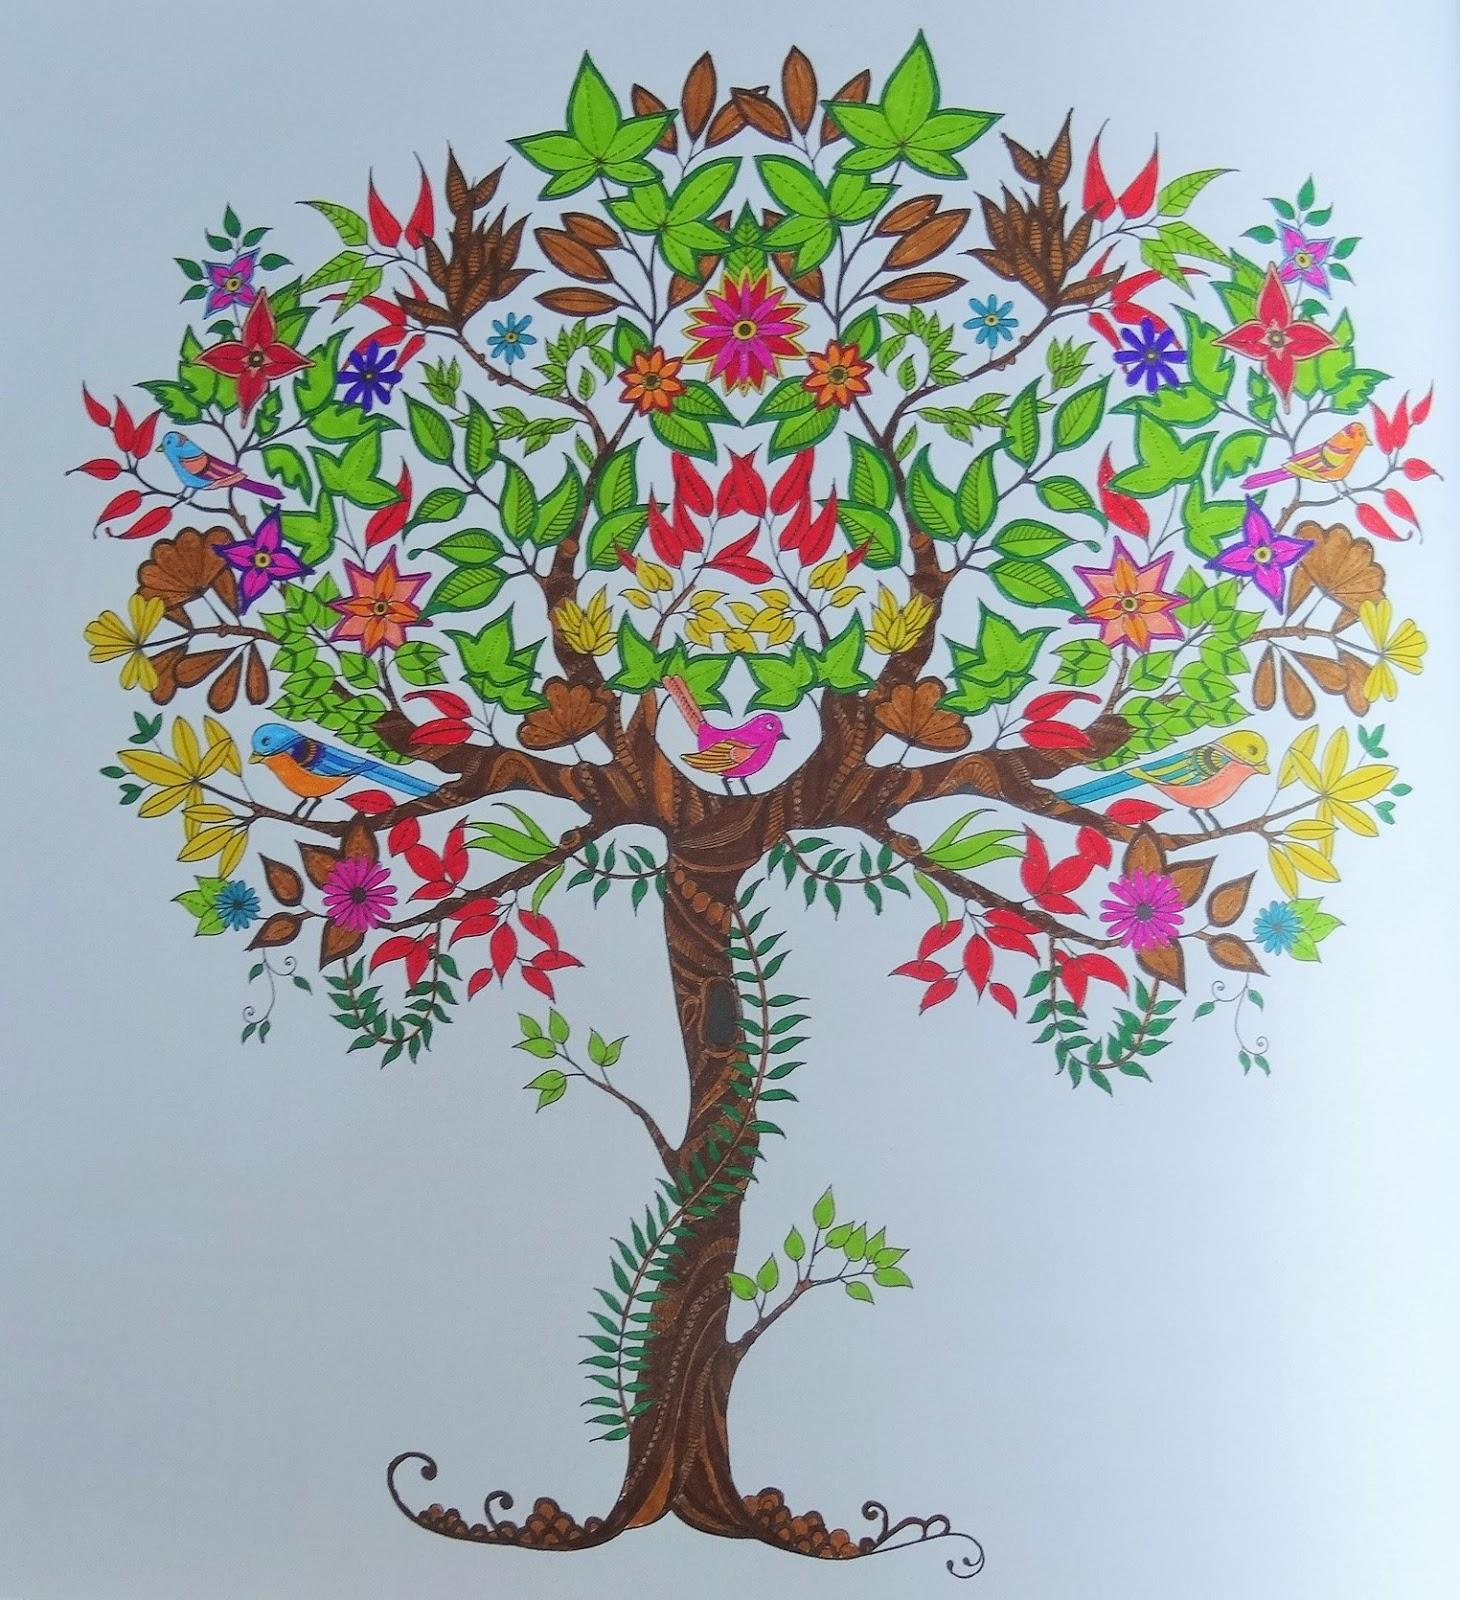 Les mercredis de julie coloriages art th rapie for Axelle red jardin secret